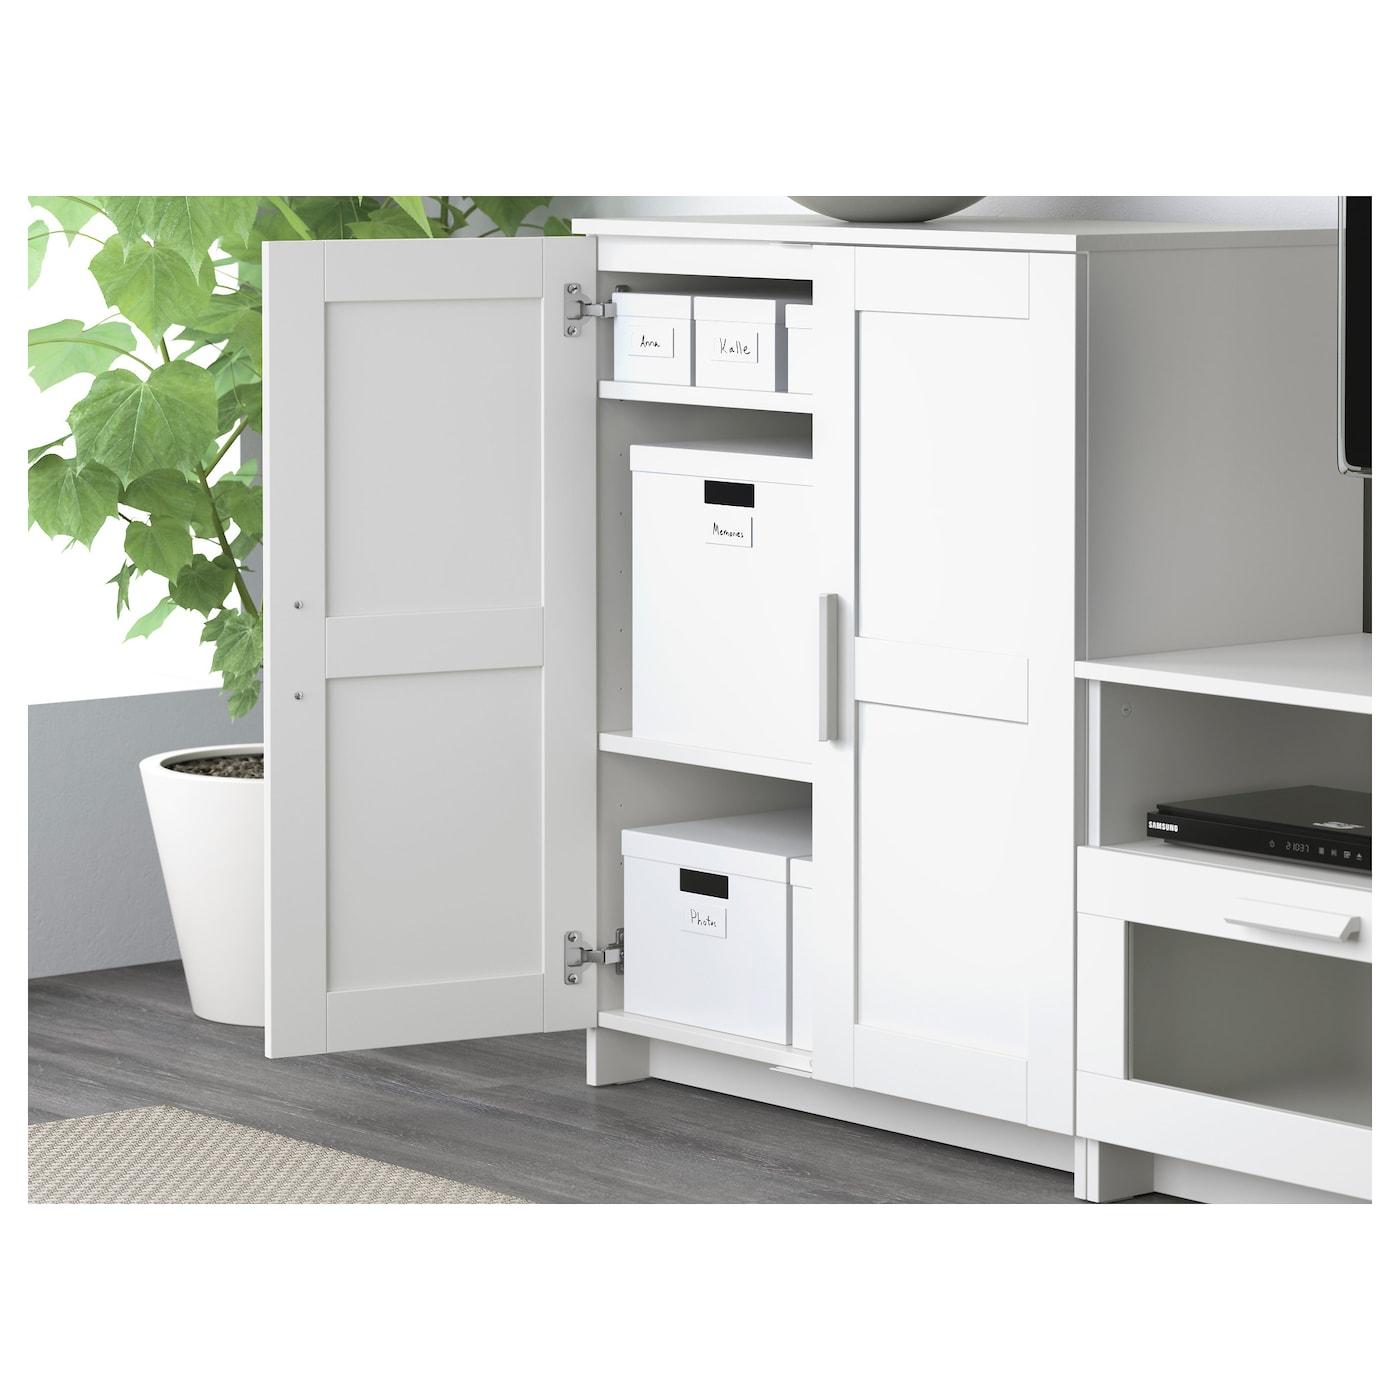 brimnes combinaison meuble tv blanc 258x41x190 cm ikea. Black Bedroom Furniture Sets. Home Design Ideas